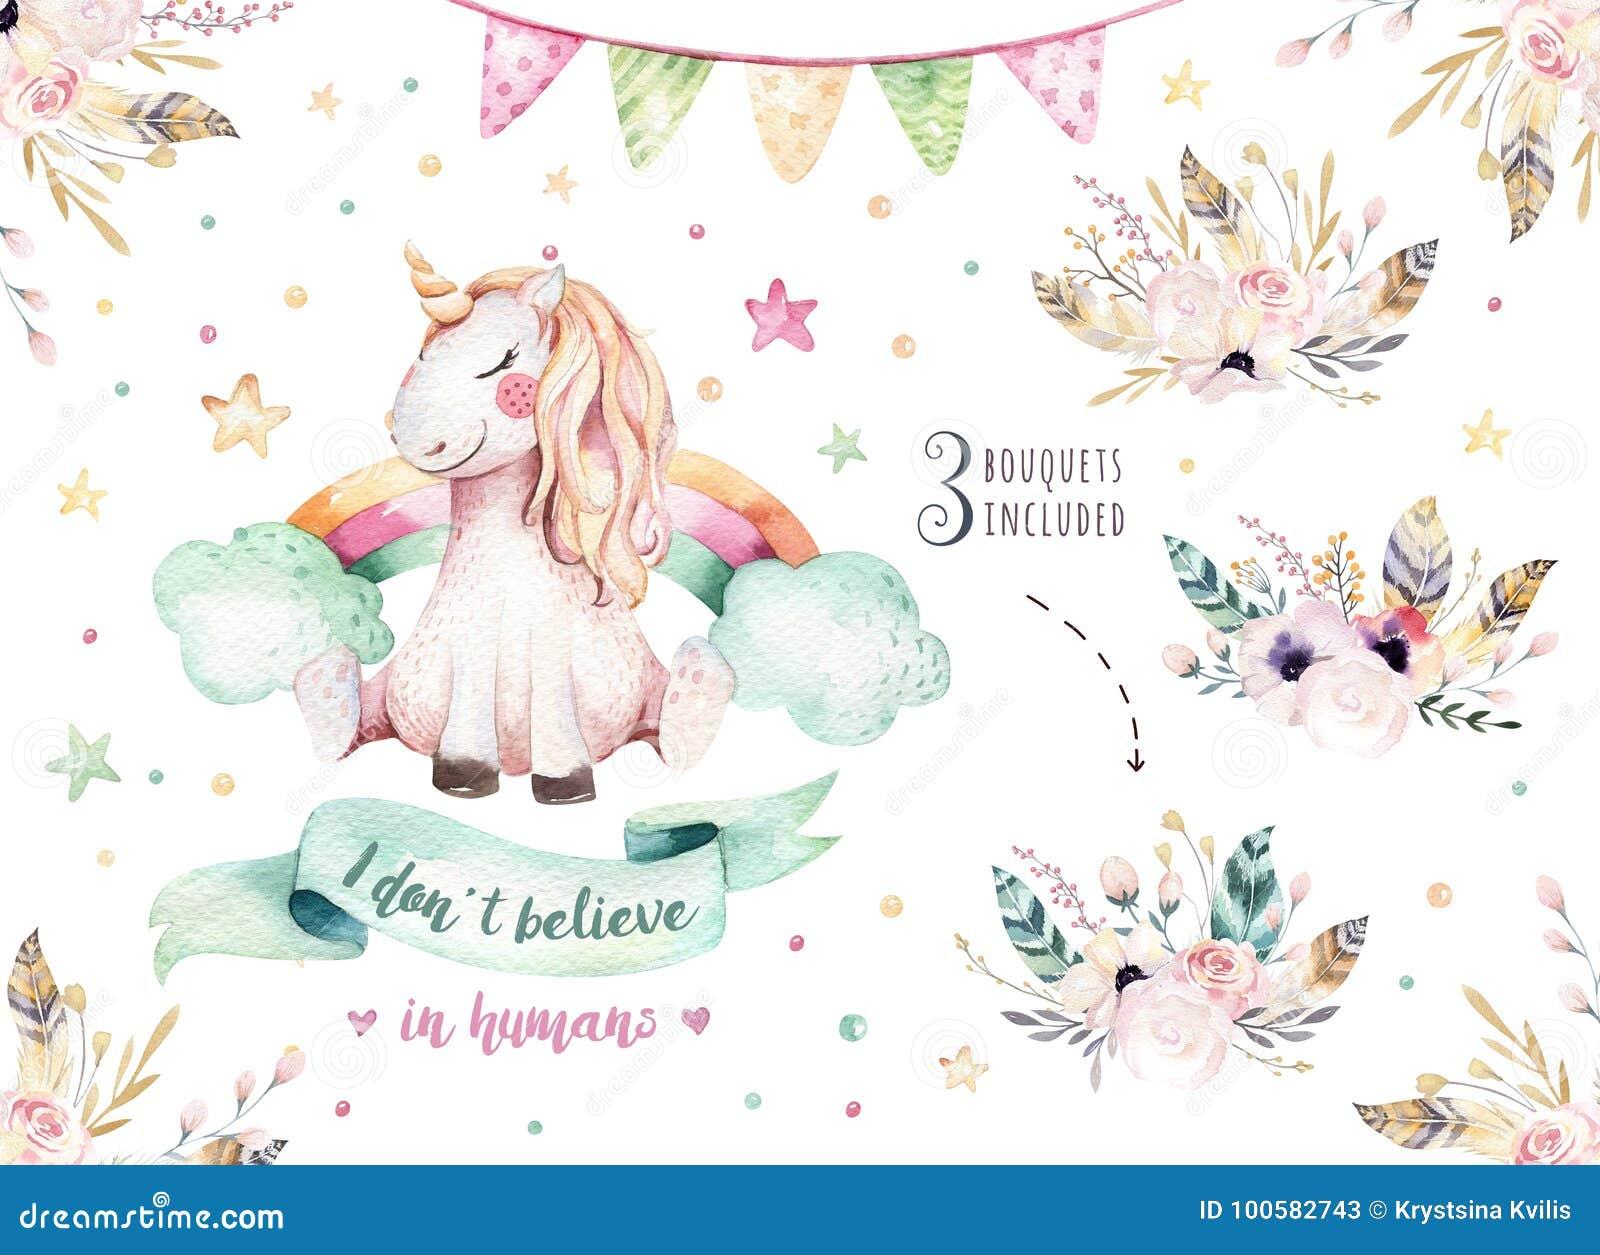 被隔绝的逗人喜爱的水彩独角兽clipart 托儿所独角兽例证 公主彩虹独角兽海报 时髦粉红色